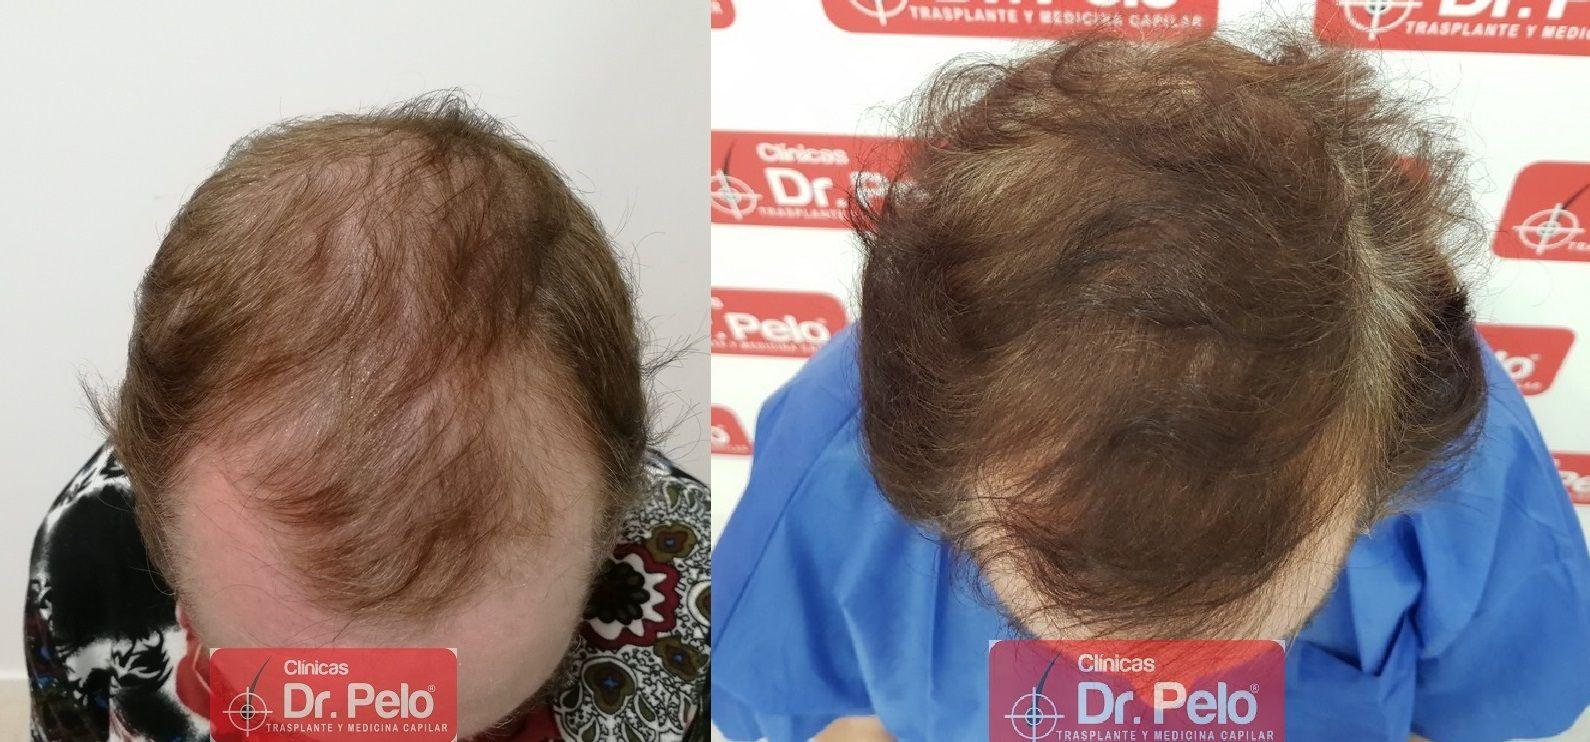 [Imagen: tratamiento-capilar-dr-pelo_15.jpg]